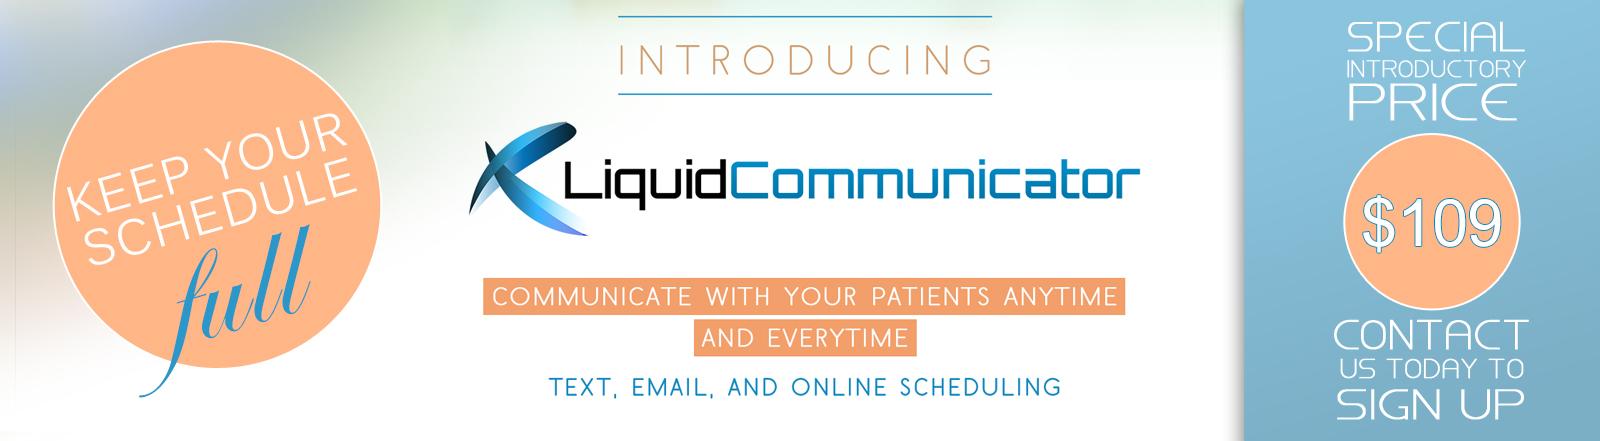 Liquid Communicator